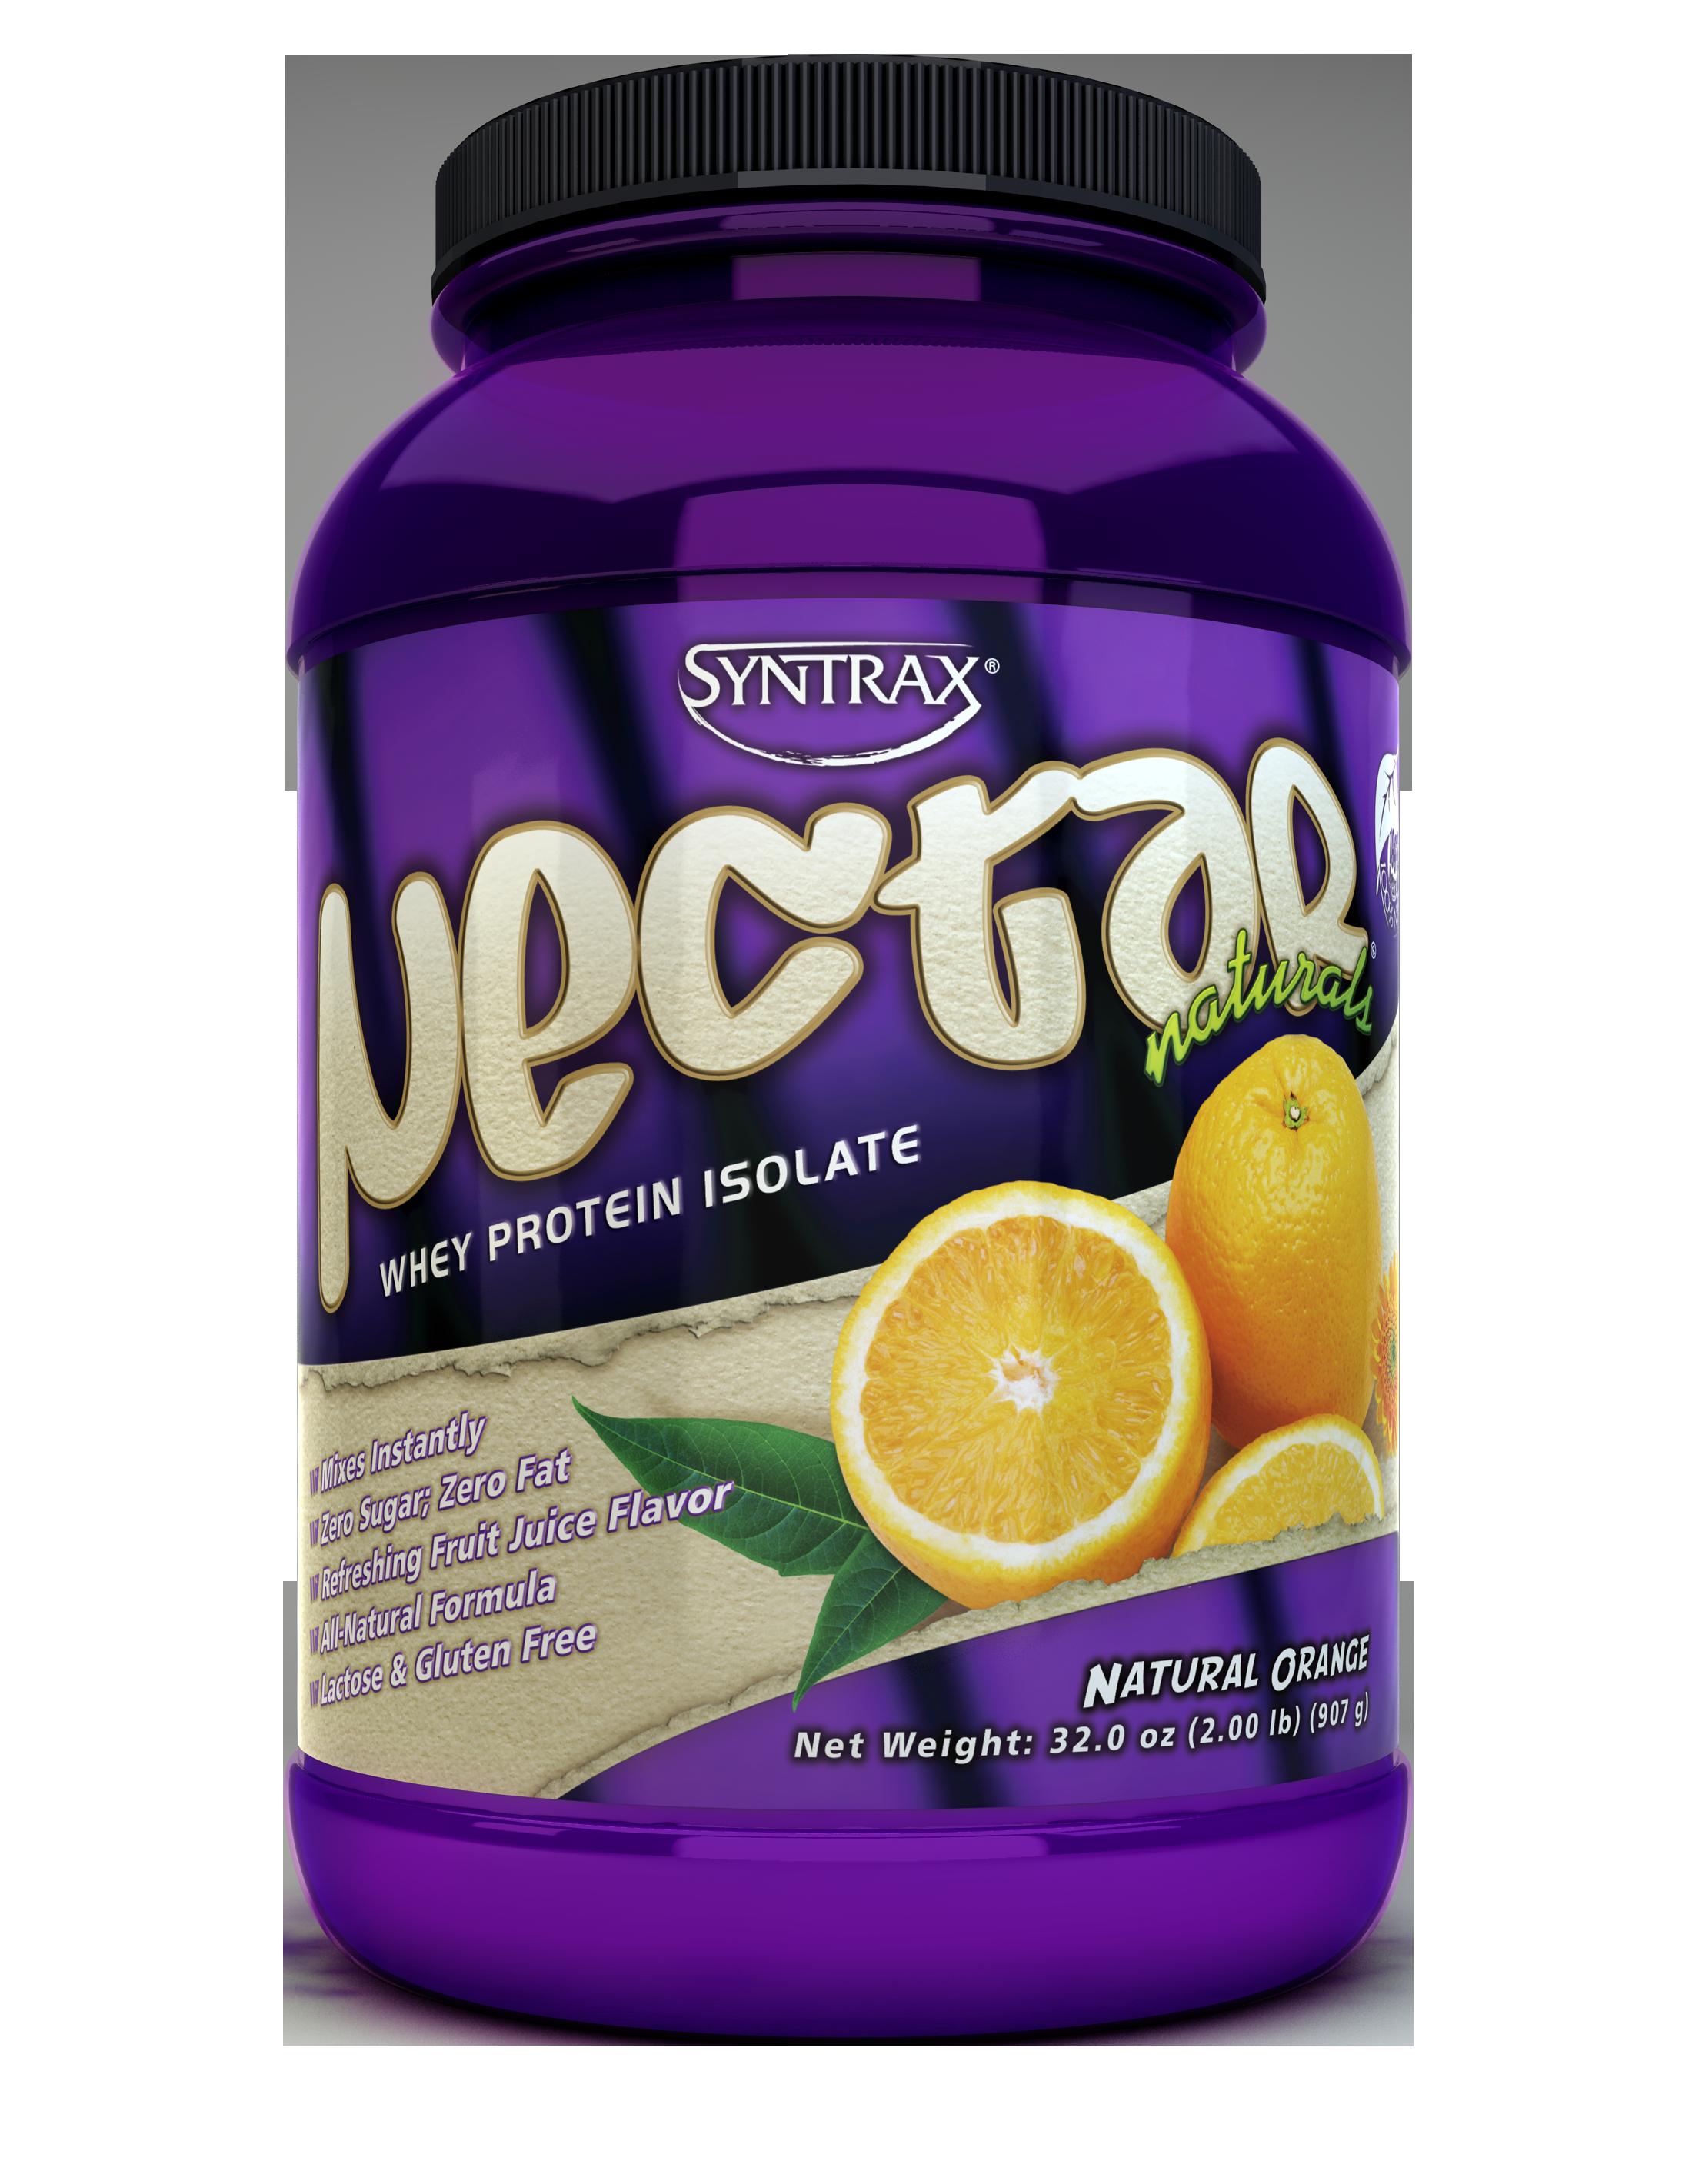 Syntrax Nectar Naturals - Natural Orange 2 lb